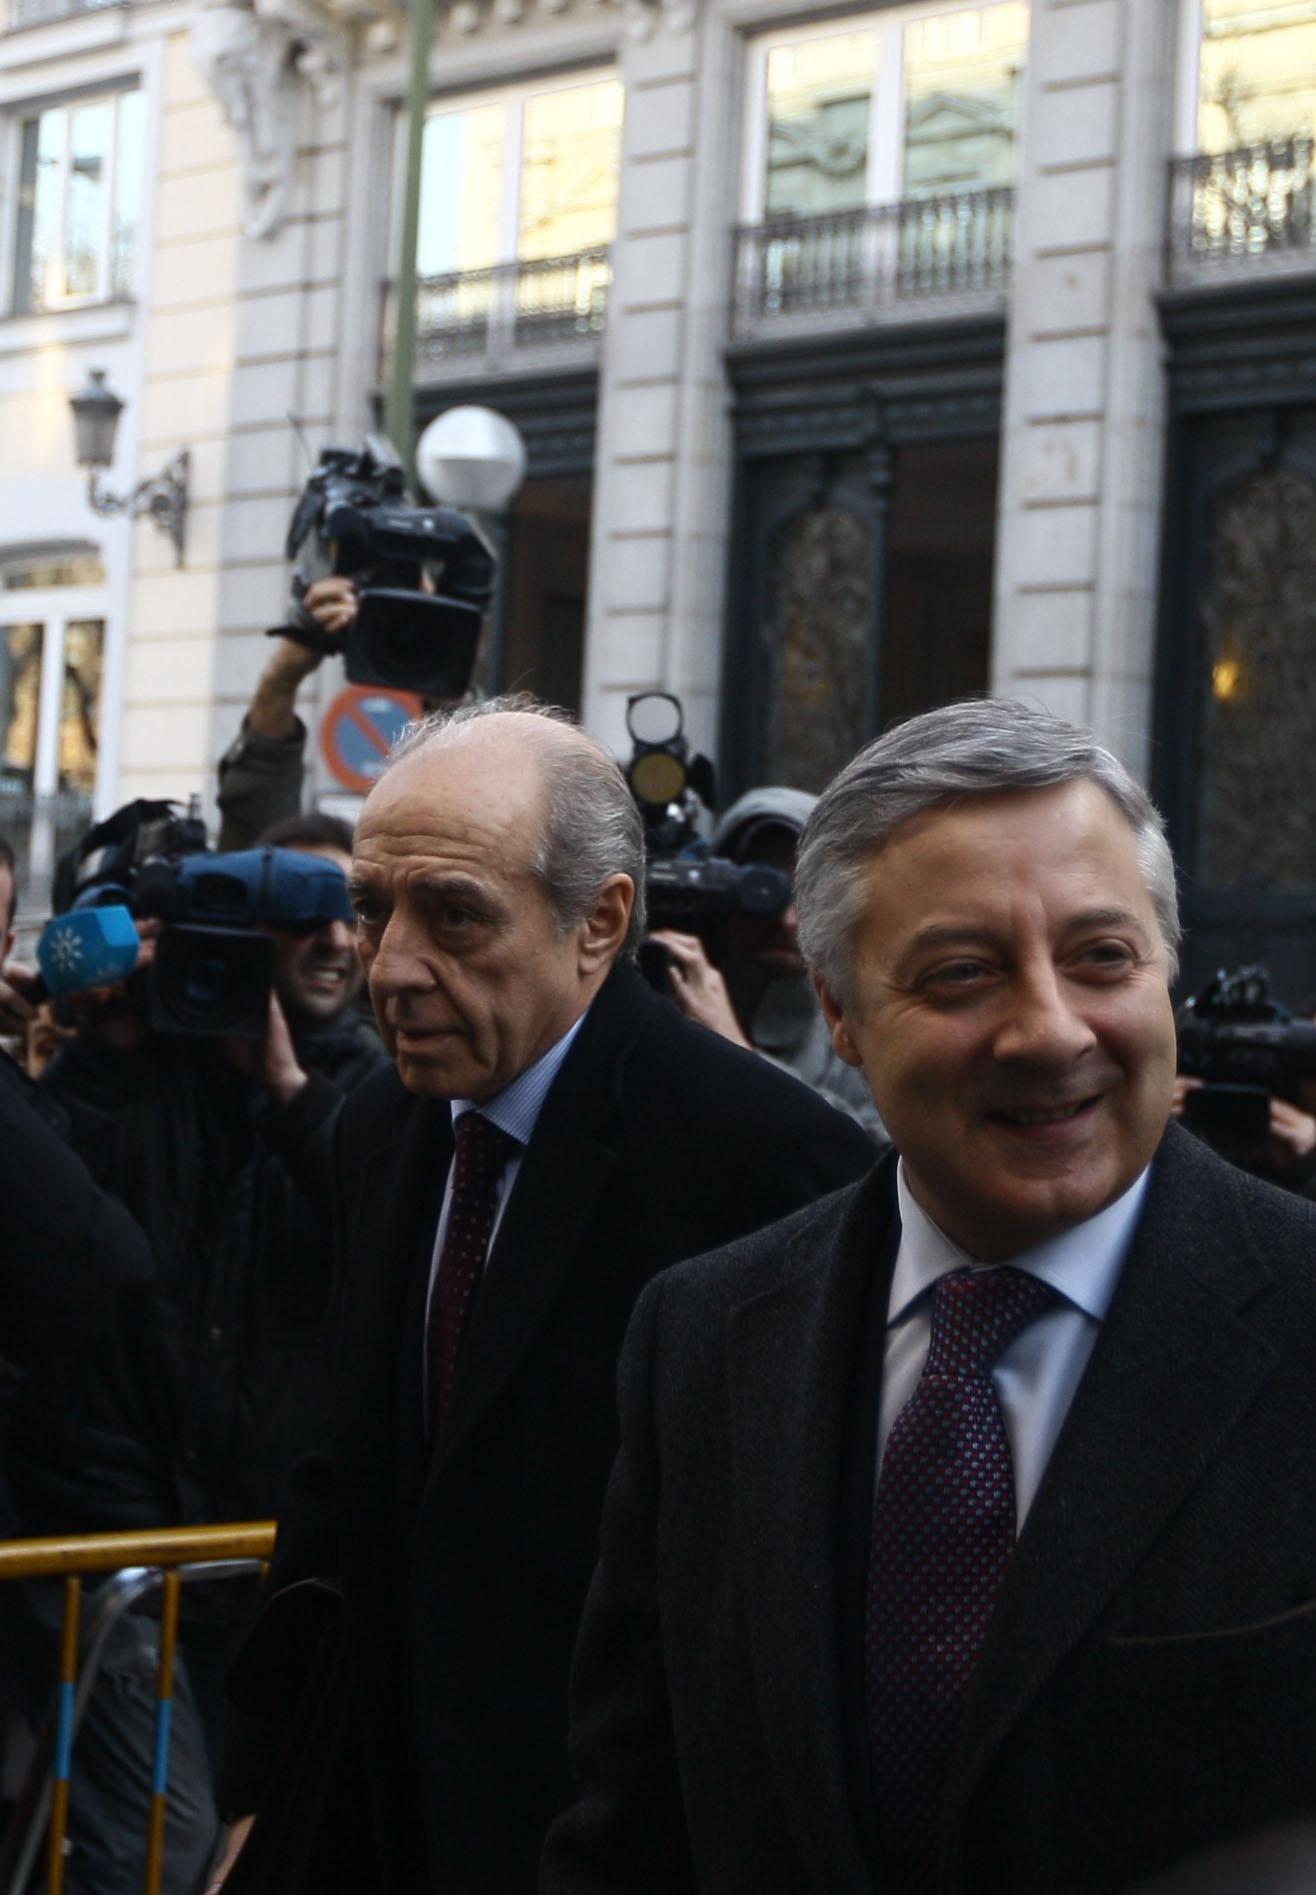 El TS interroga esta semana al primo del ex ministro y al empresario que lo denuncio en la «operación Campeón»